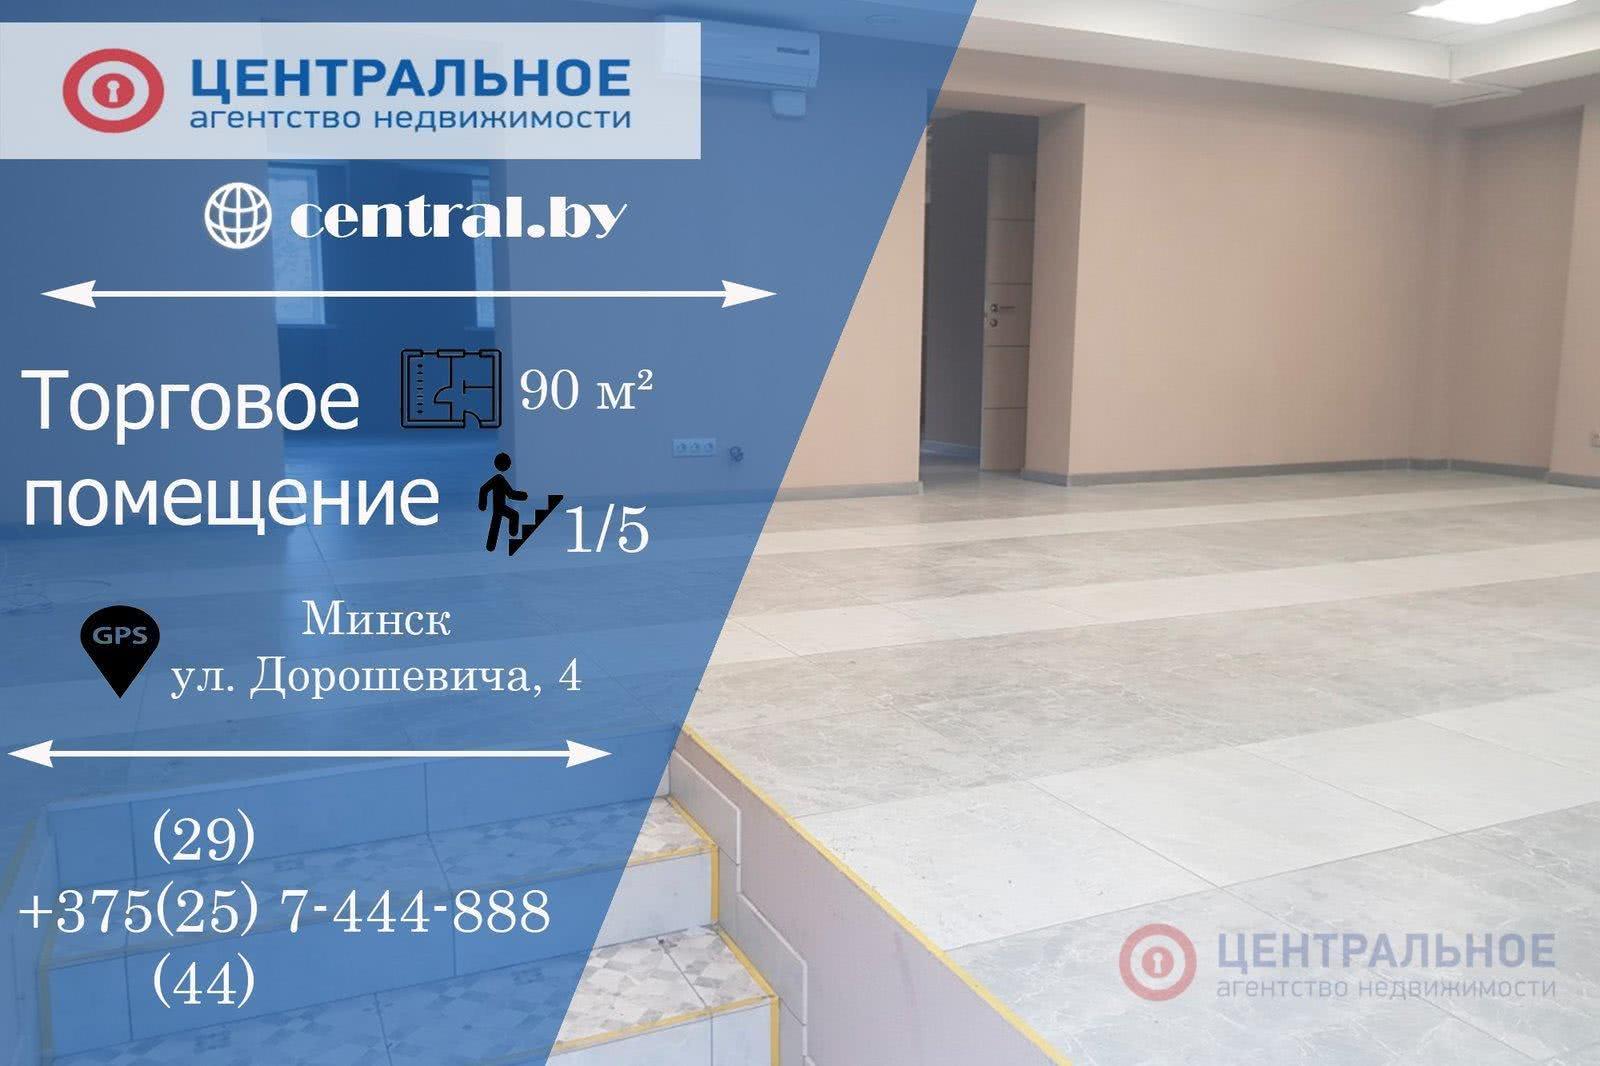 Купить торговое помещение на ул. Дорошевича, д. 4 в Минске - фото 1